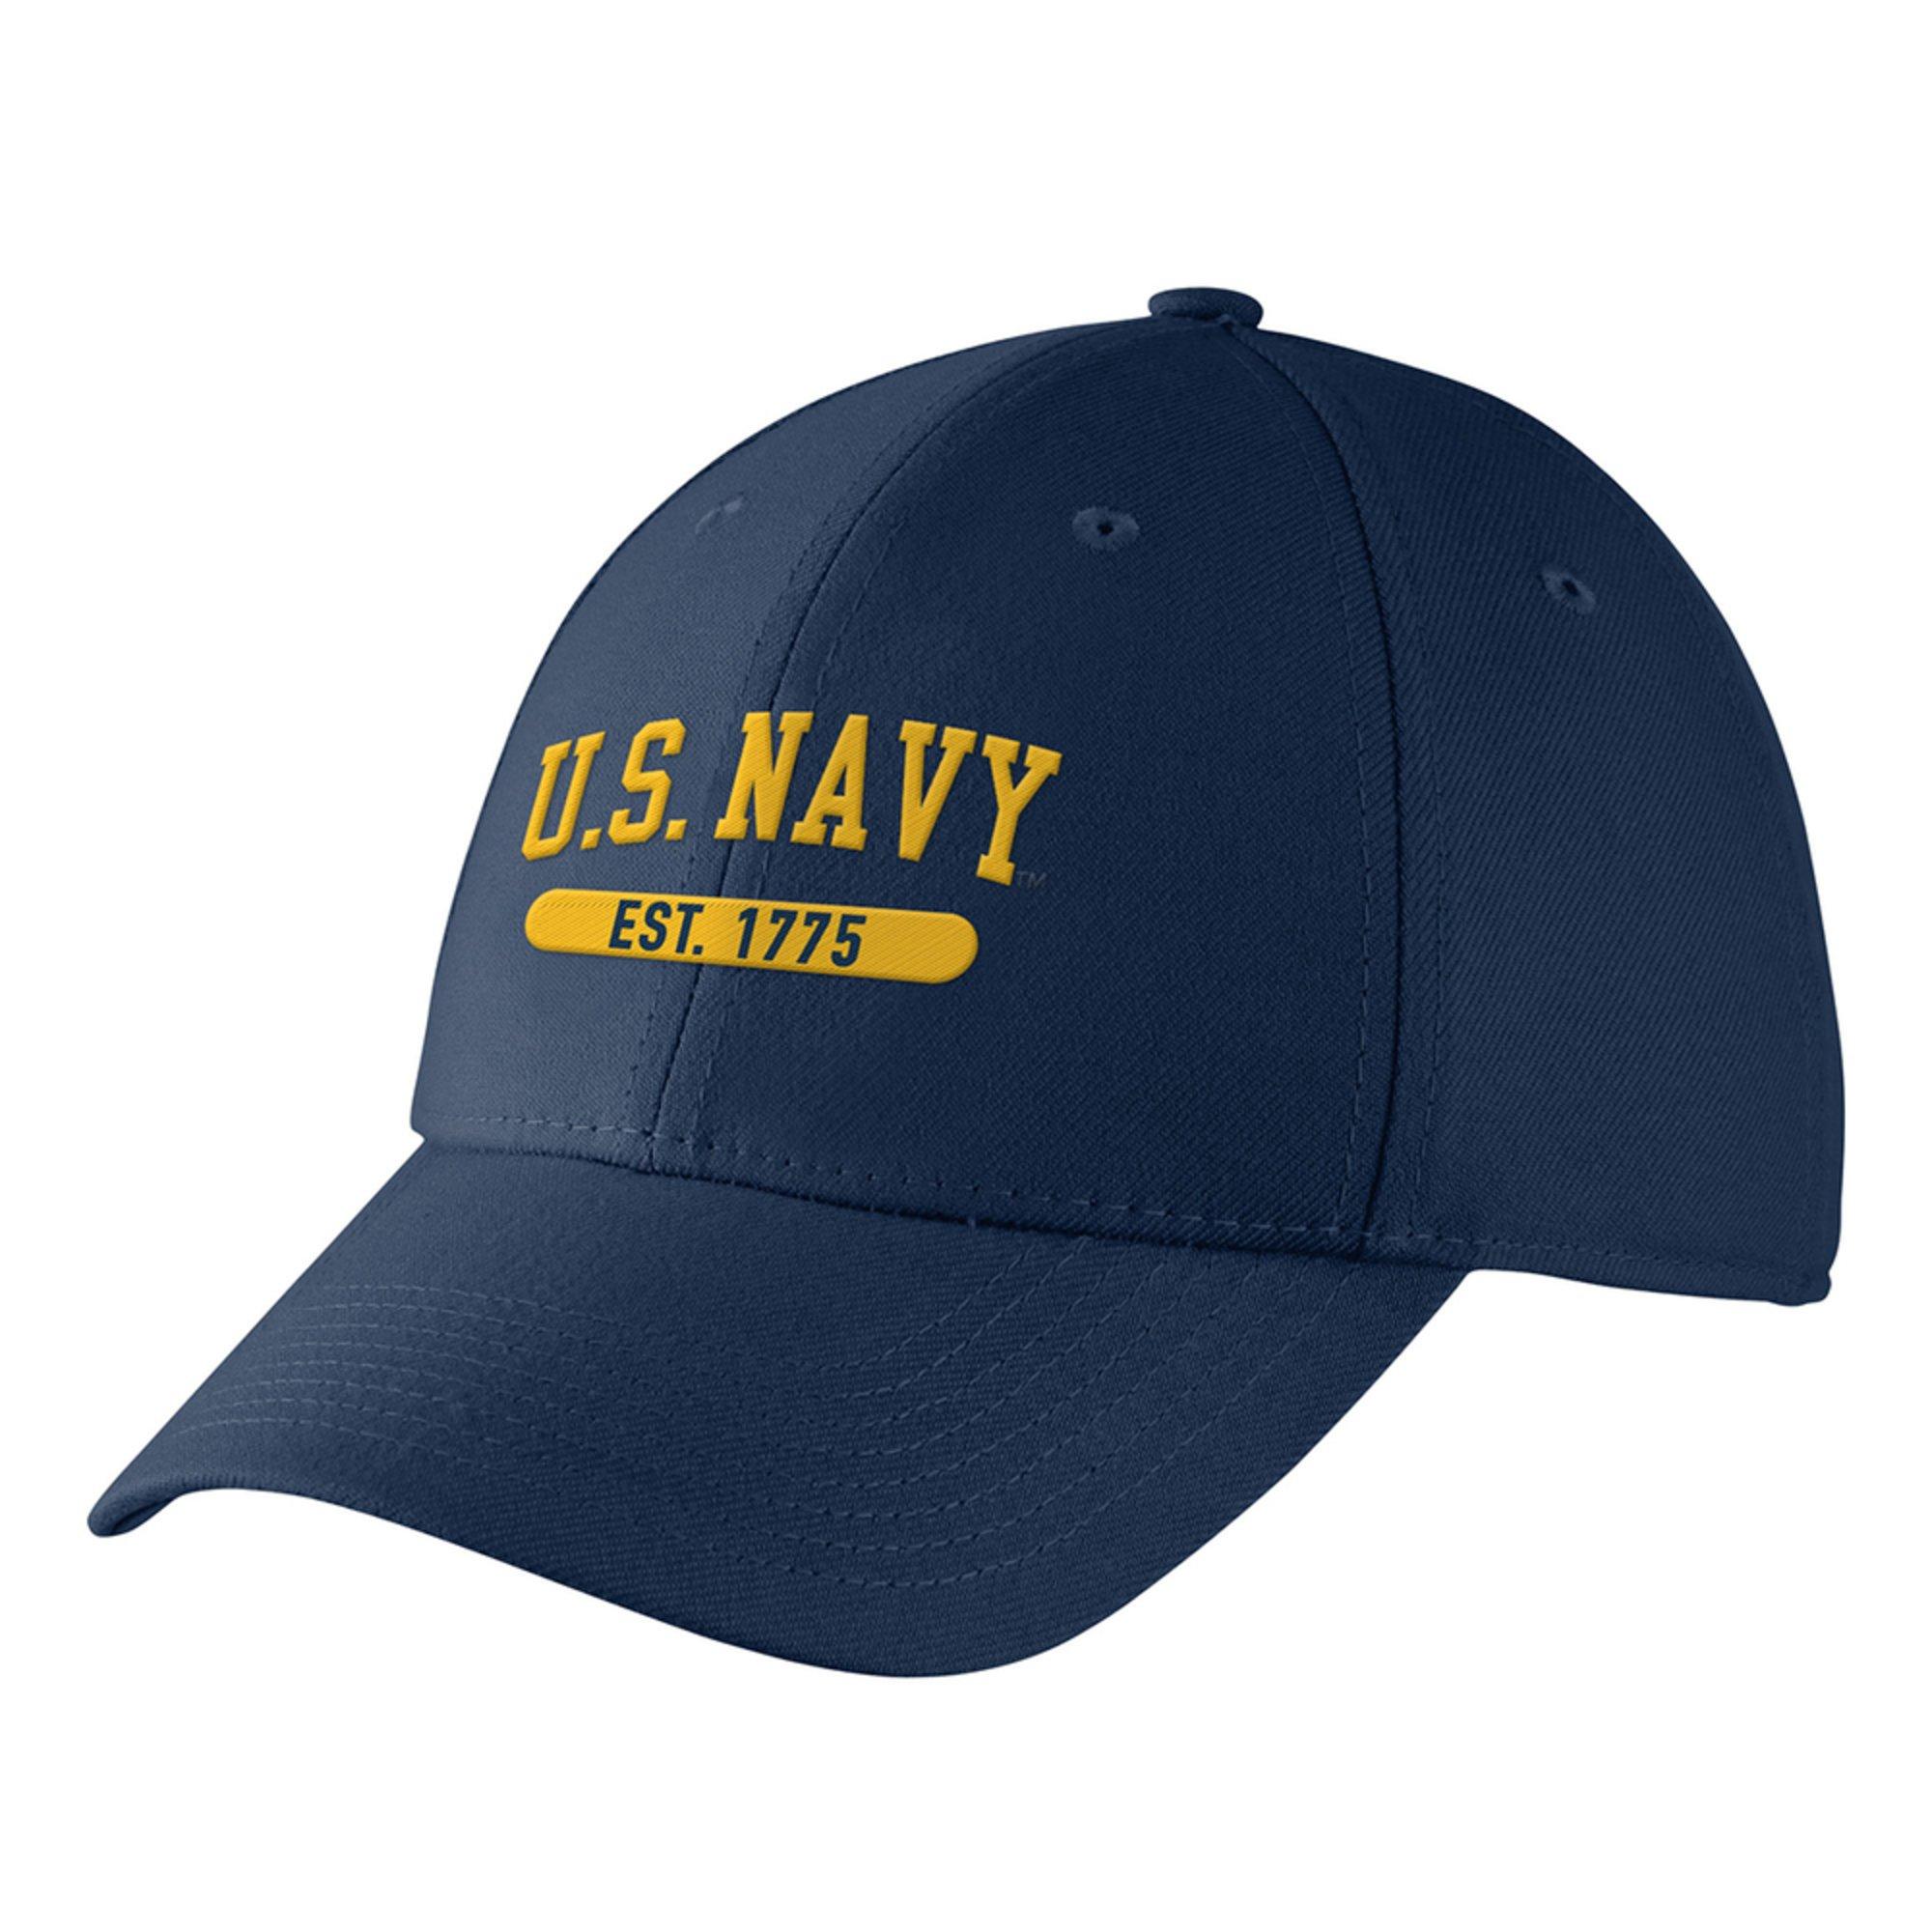 huge discount 9f76d 6673f Nike. Nike U.S. Navy Est 1775 Men s Swoosh Flex Navy Hat